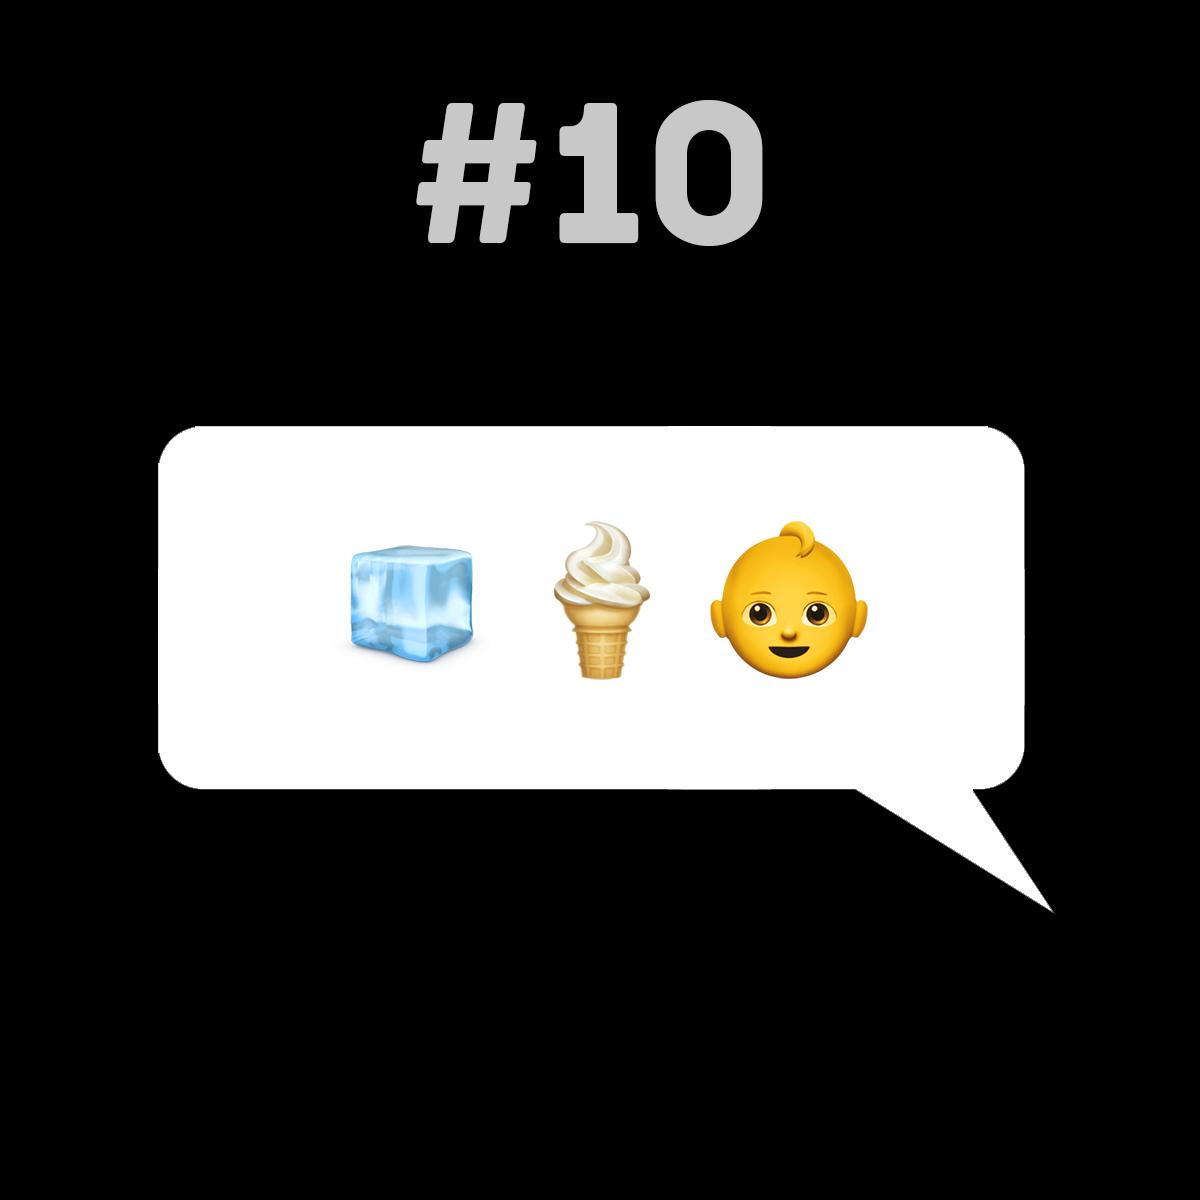 Songtitel in Emojis dargestellt emojibands_10